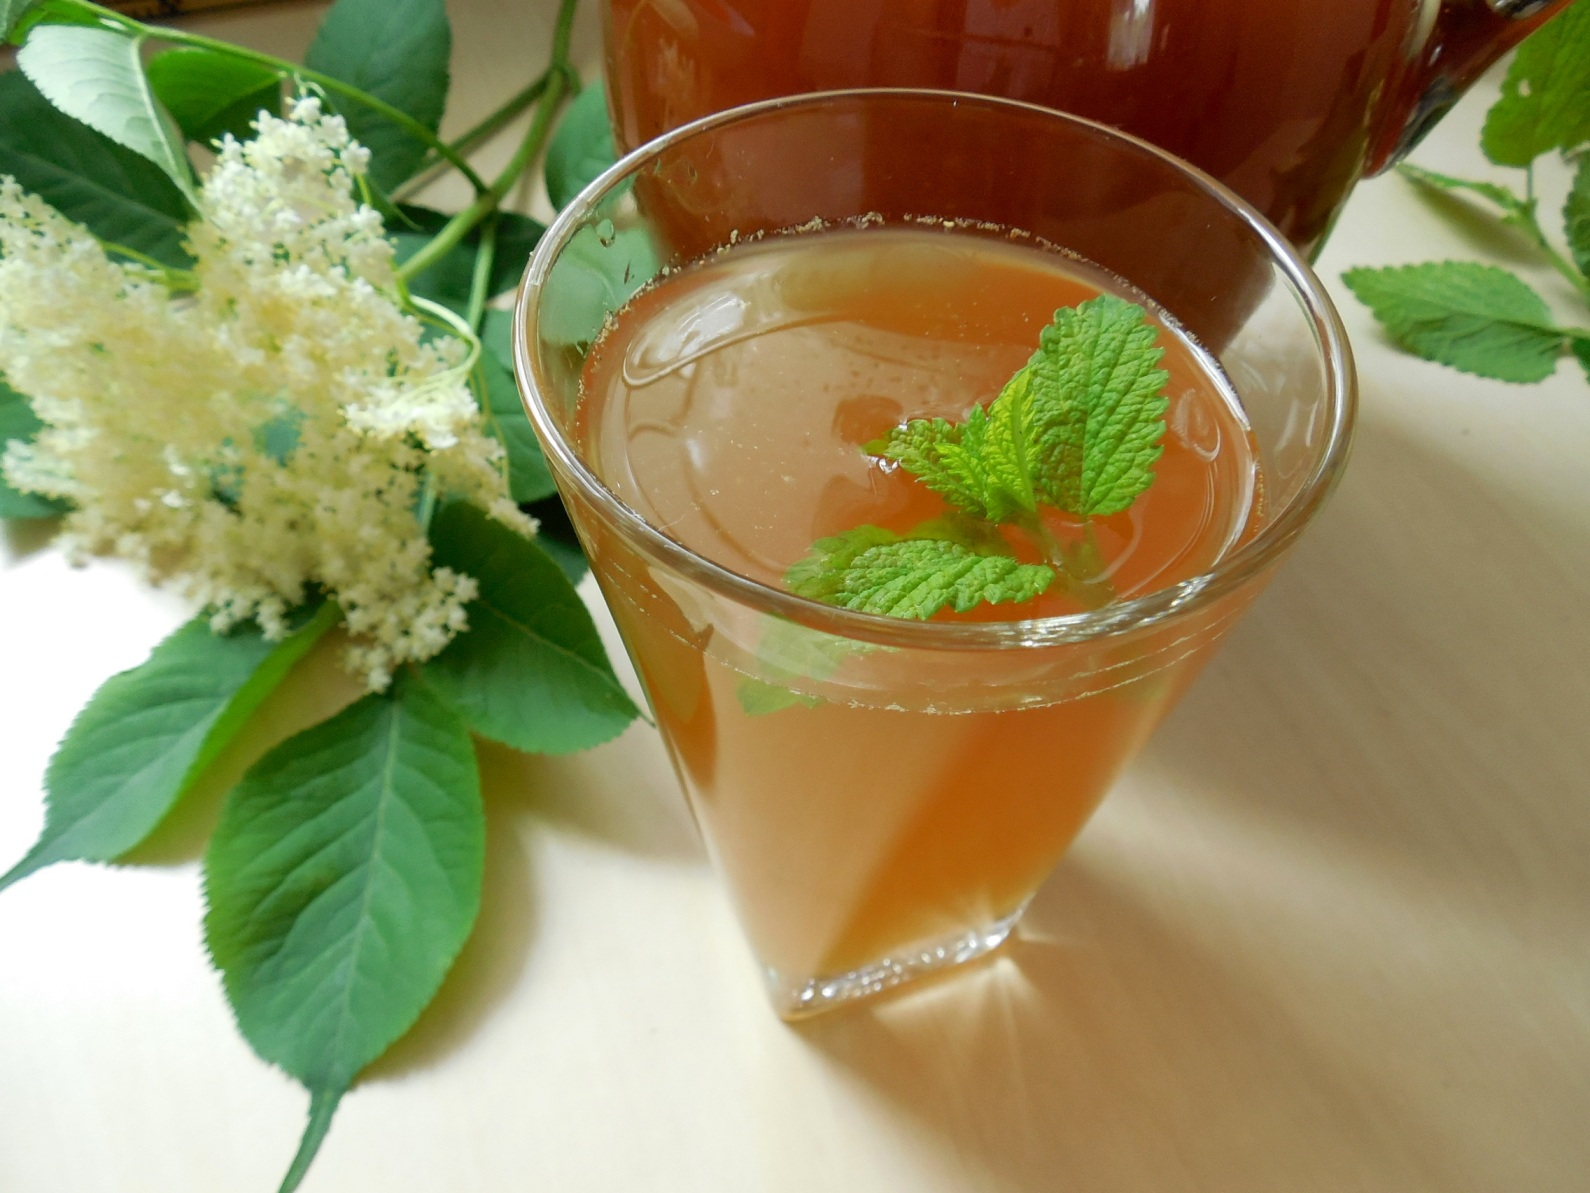 Recept na domácí bezinkovou limonádu krok za krokem